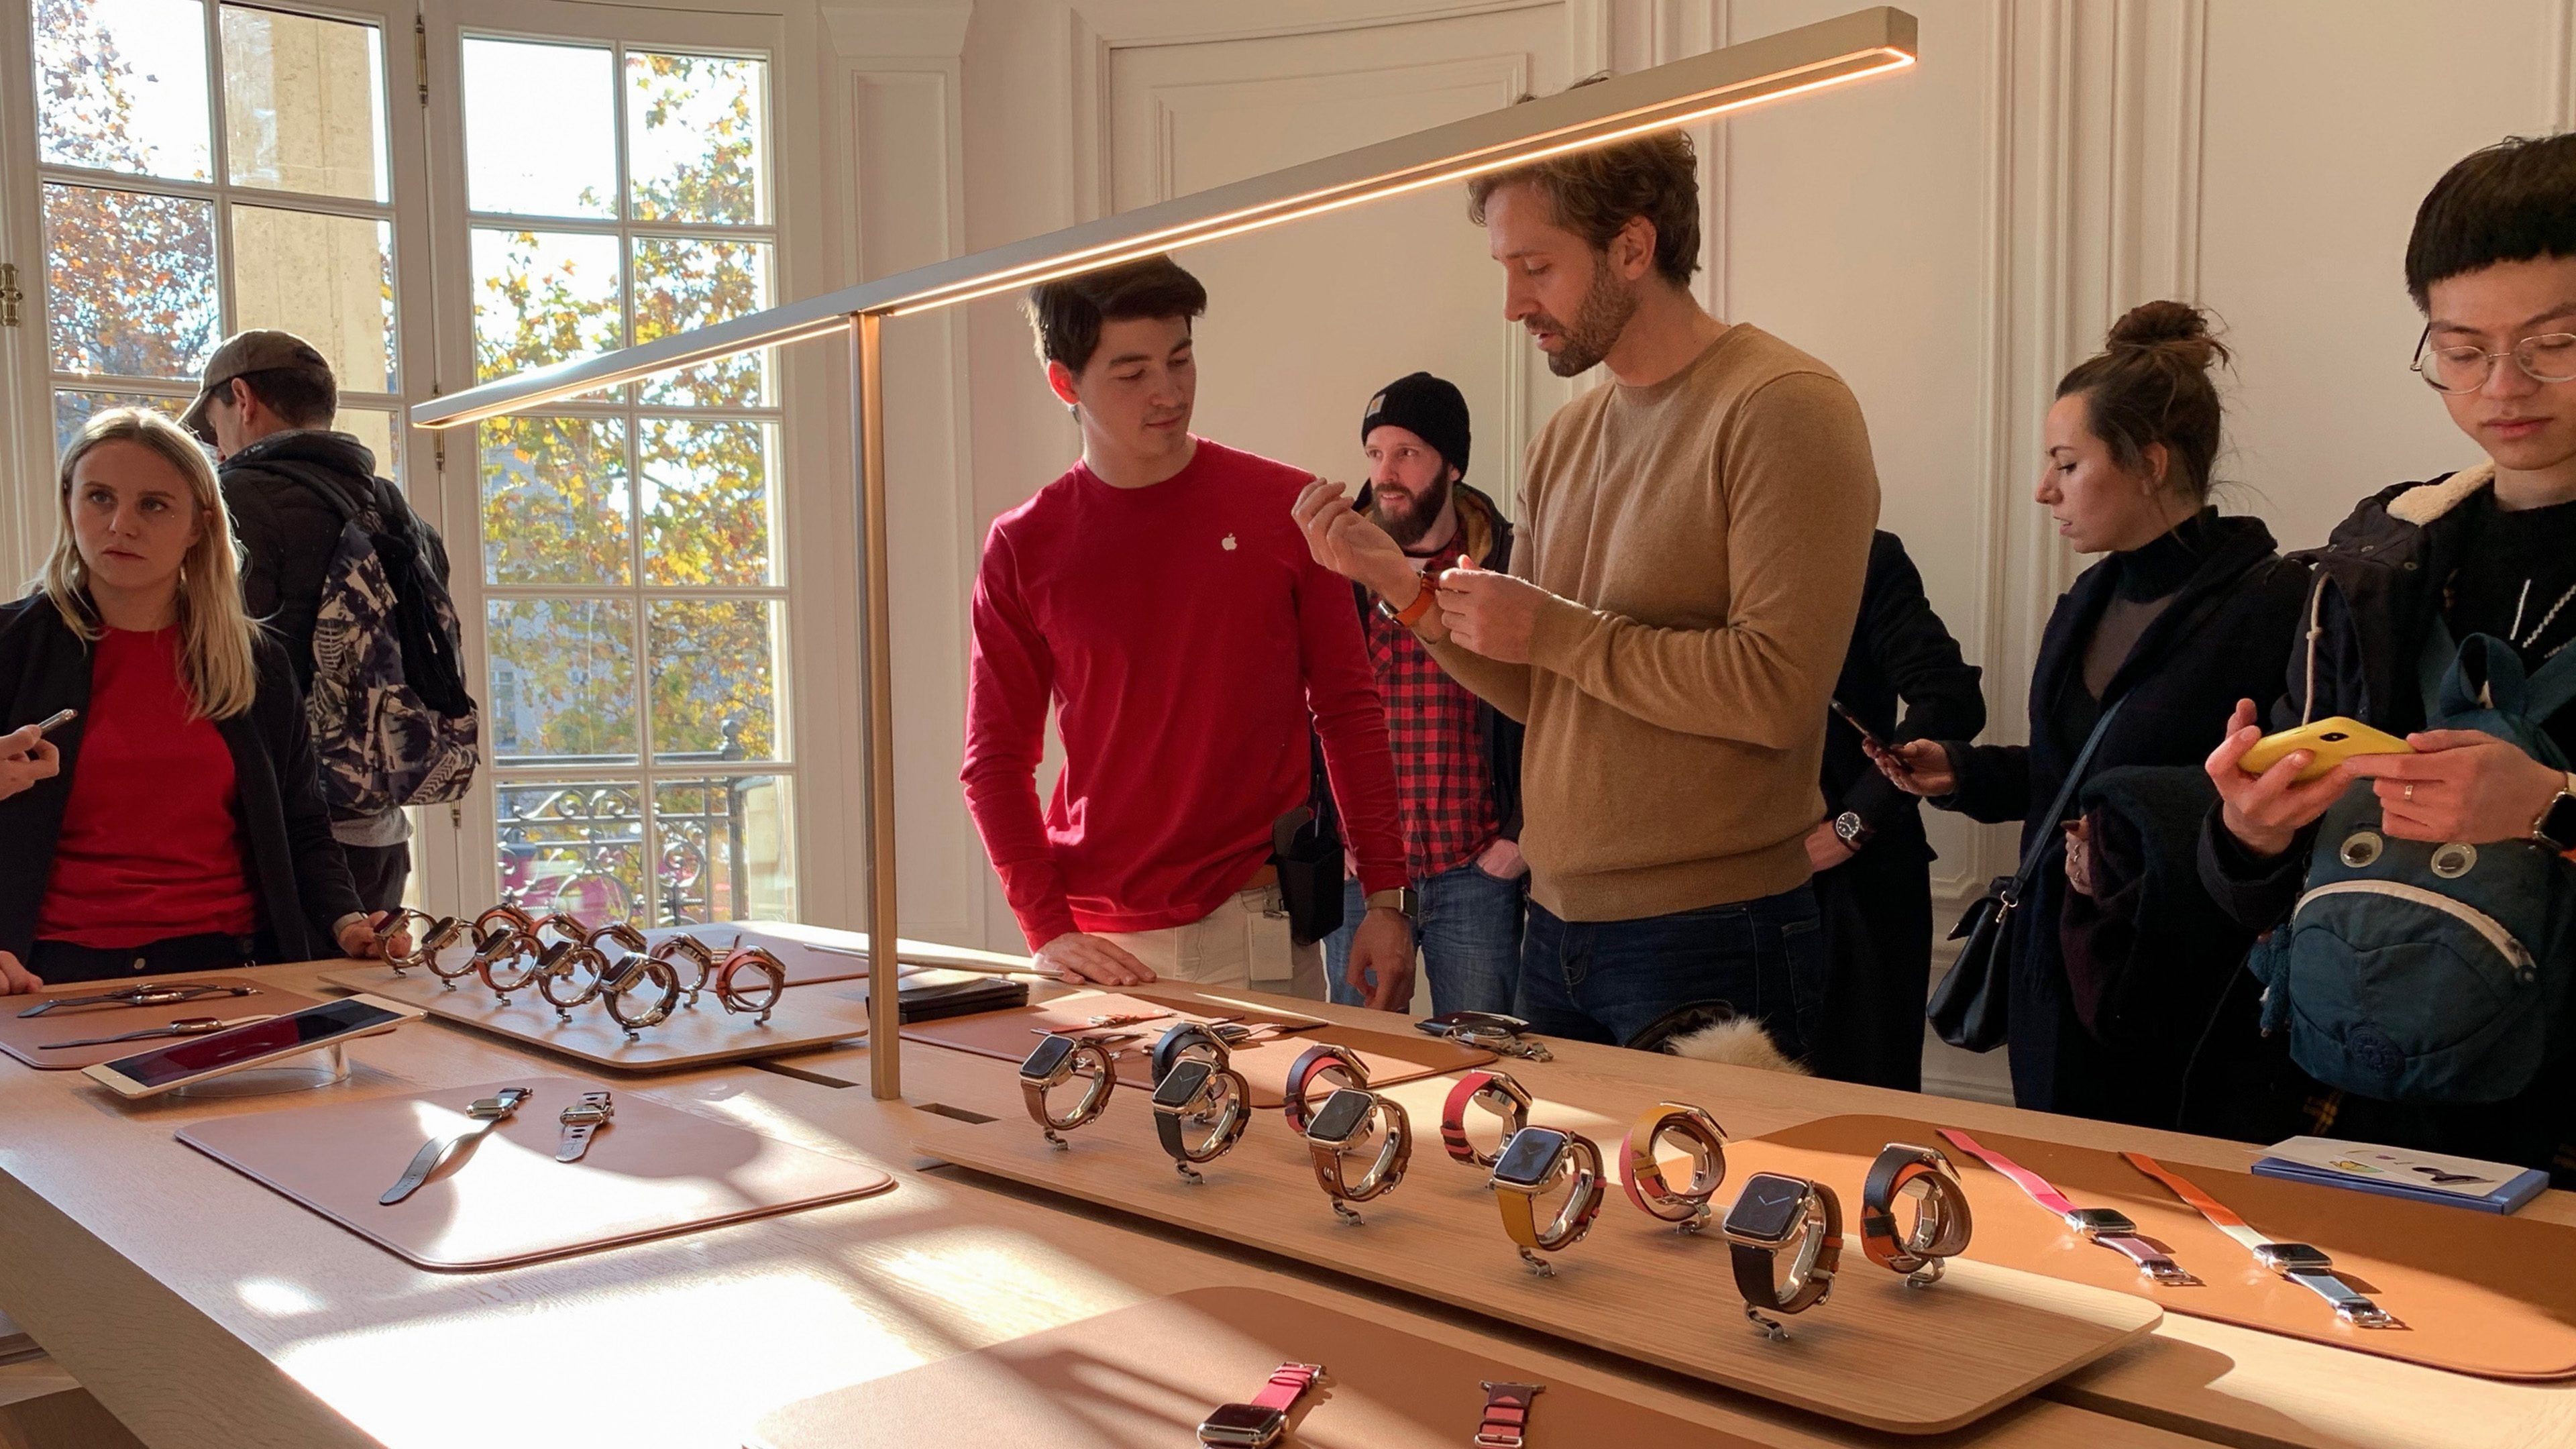 Gallery Apple ChampsÉlysées makes a grand debut in Paris